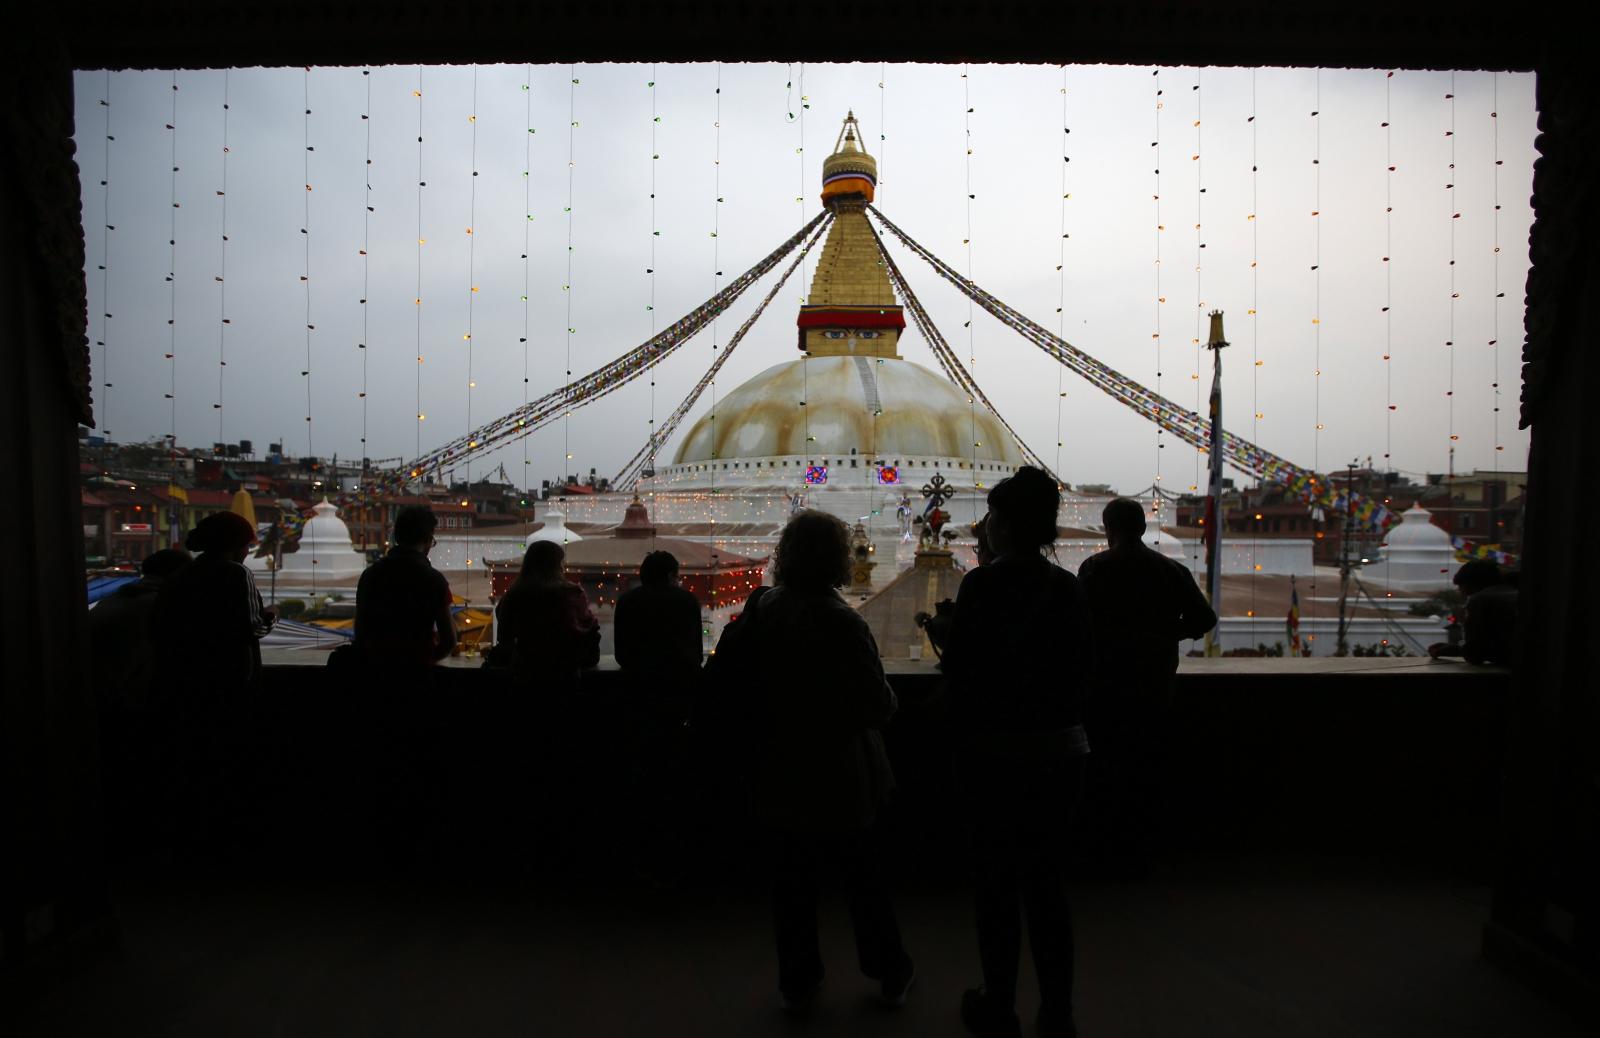 Modlitwy buddyjskie w wigilię święta Boudhanath stupa w Nepalu. Fot. PAP/EPA/NARENDRA SHRESTHA